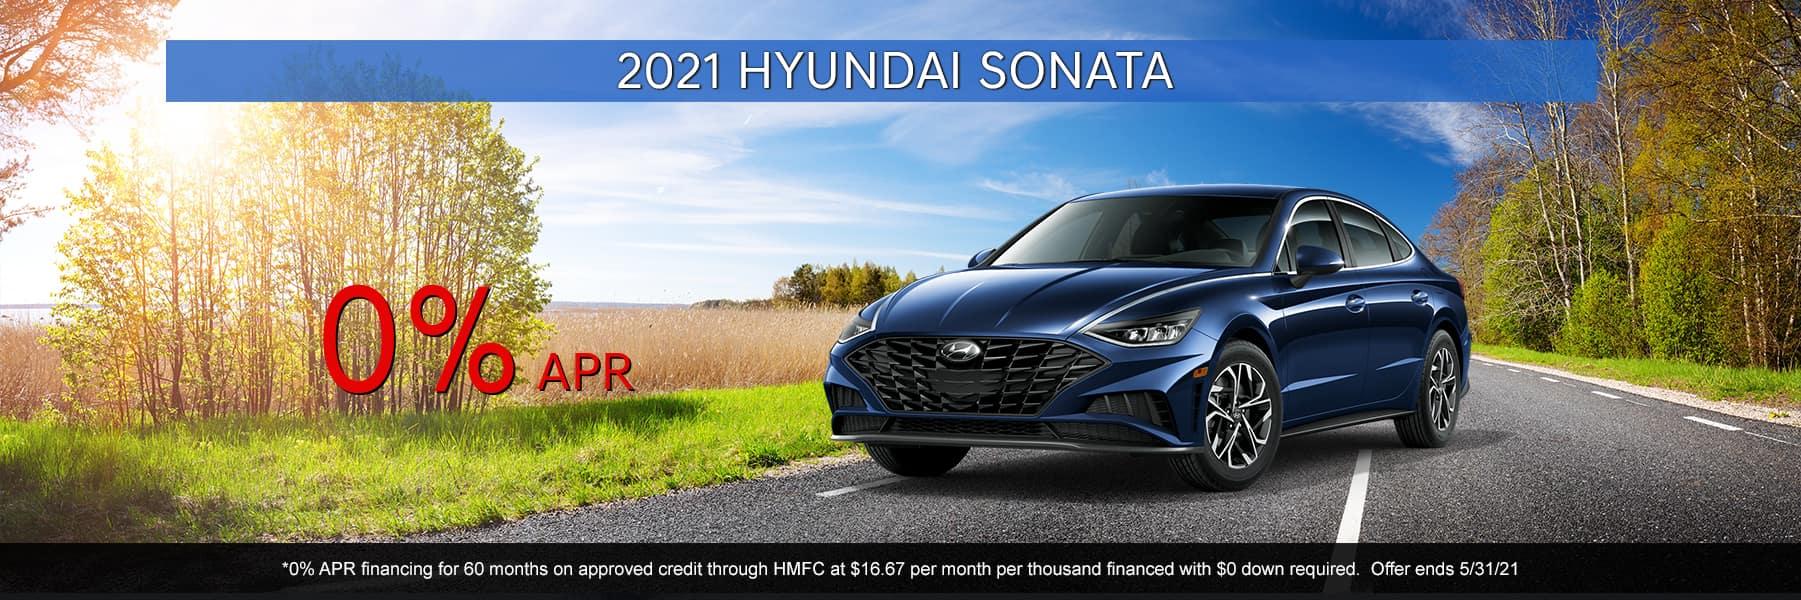 2021-Hyundai-Sonata-May21